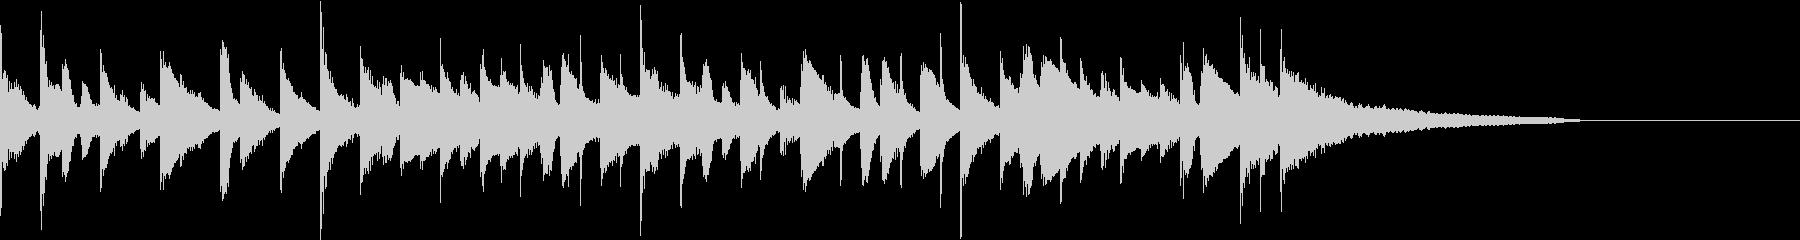 カフェ風ボサノヴァ ジングル1の未再生の波形